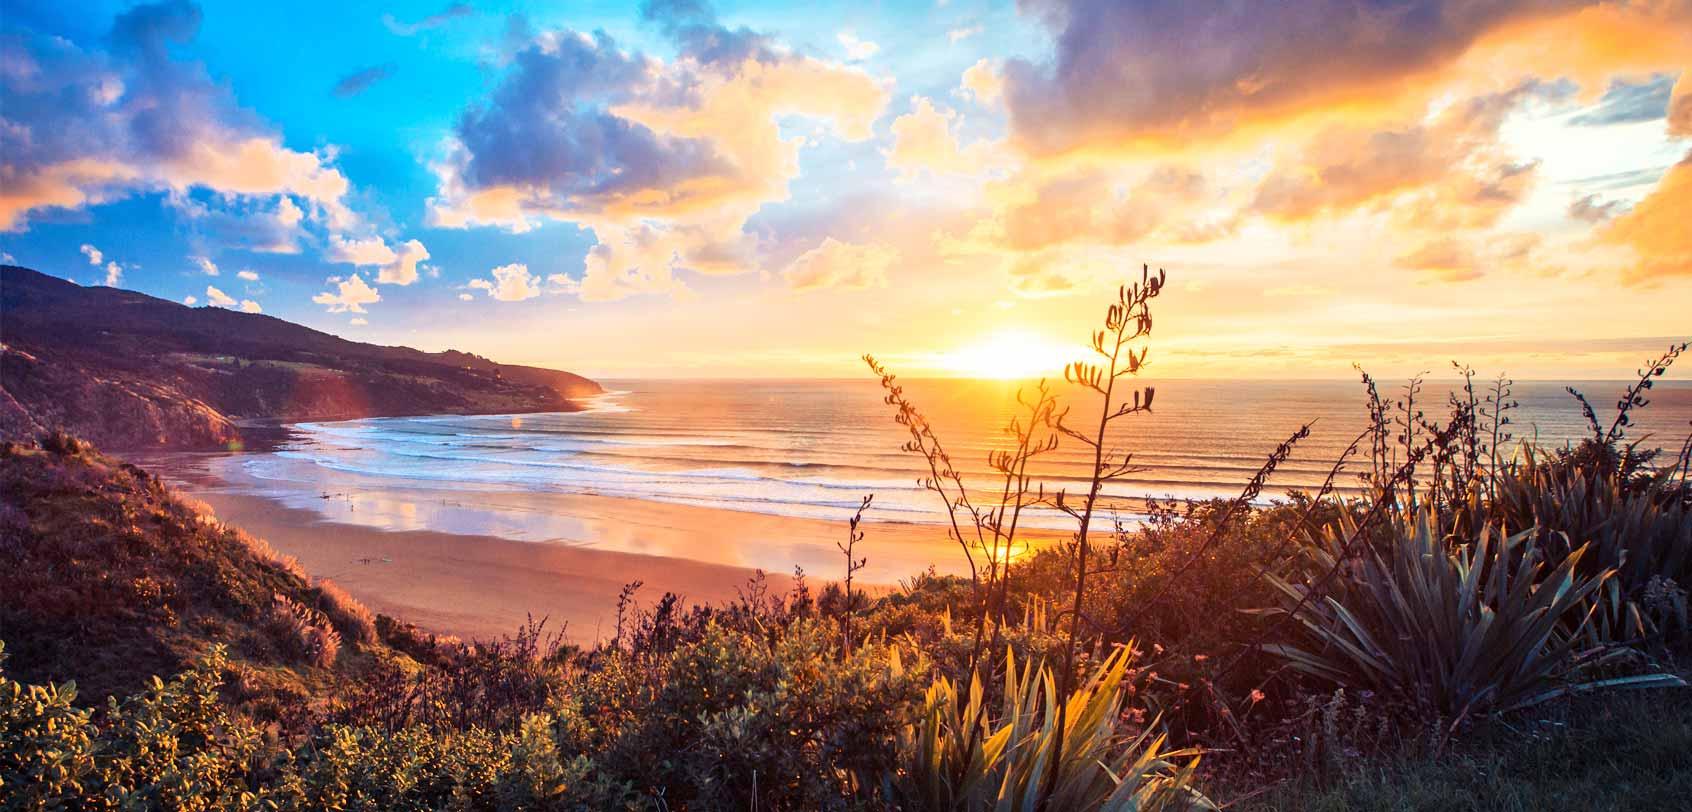 新西兰公路旅行行程:初次游客指南